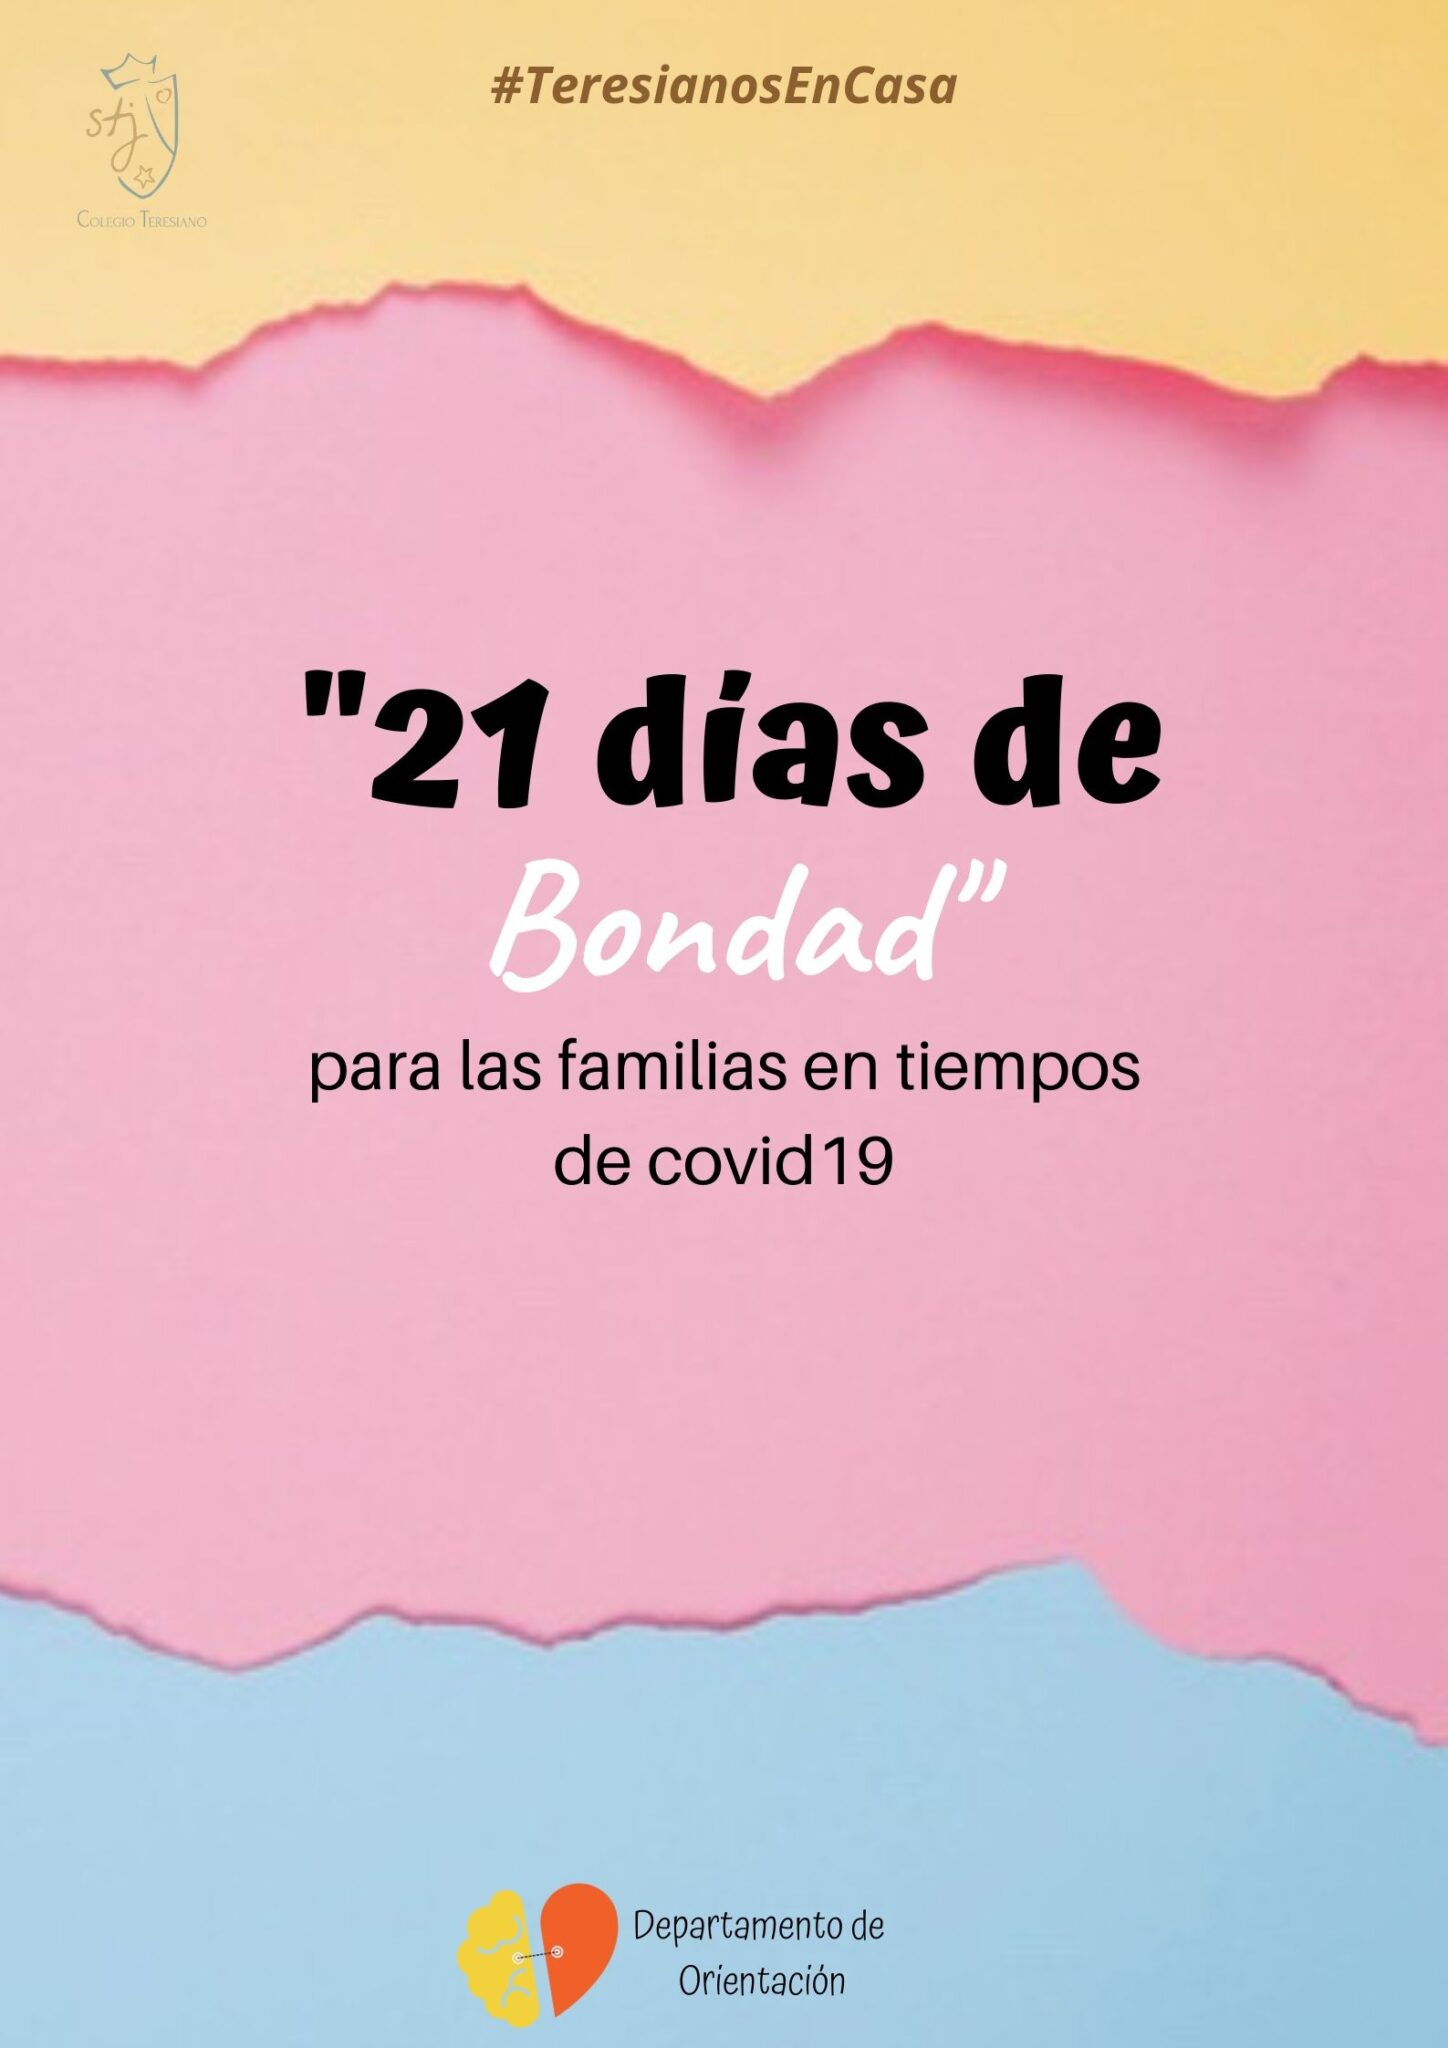 21 días de bondad para las  familias en tiempos de covid19